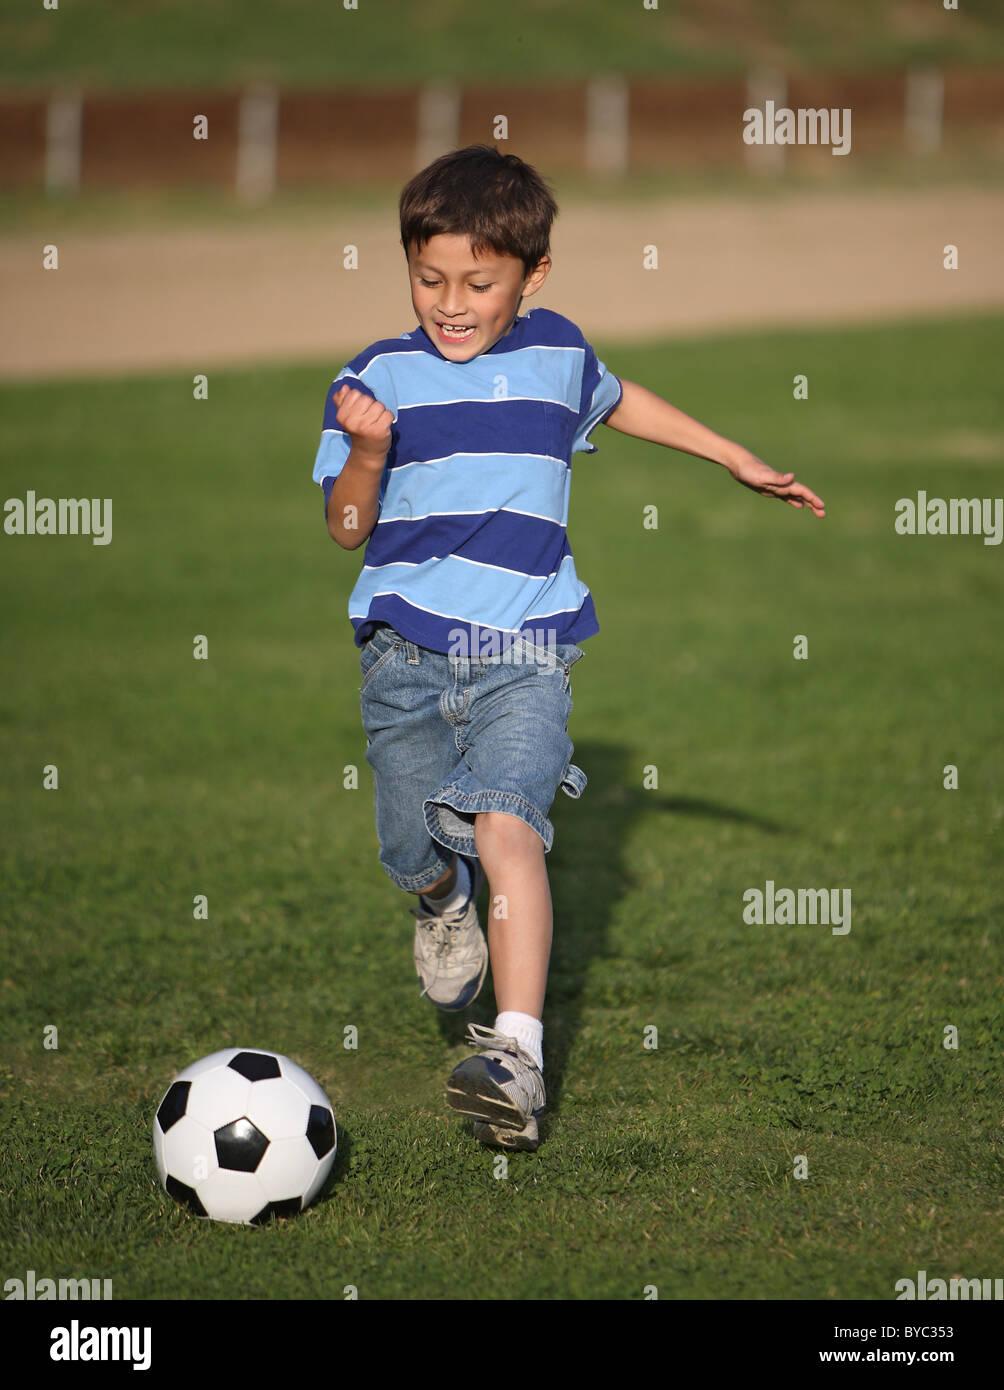 Auténtico chico Latino feliz jugando con una pelota de fútbol en el campo vistiendo camiseta a rayas azules. Imagen De Stock